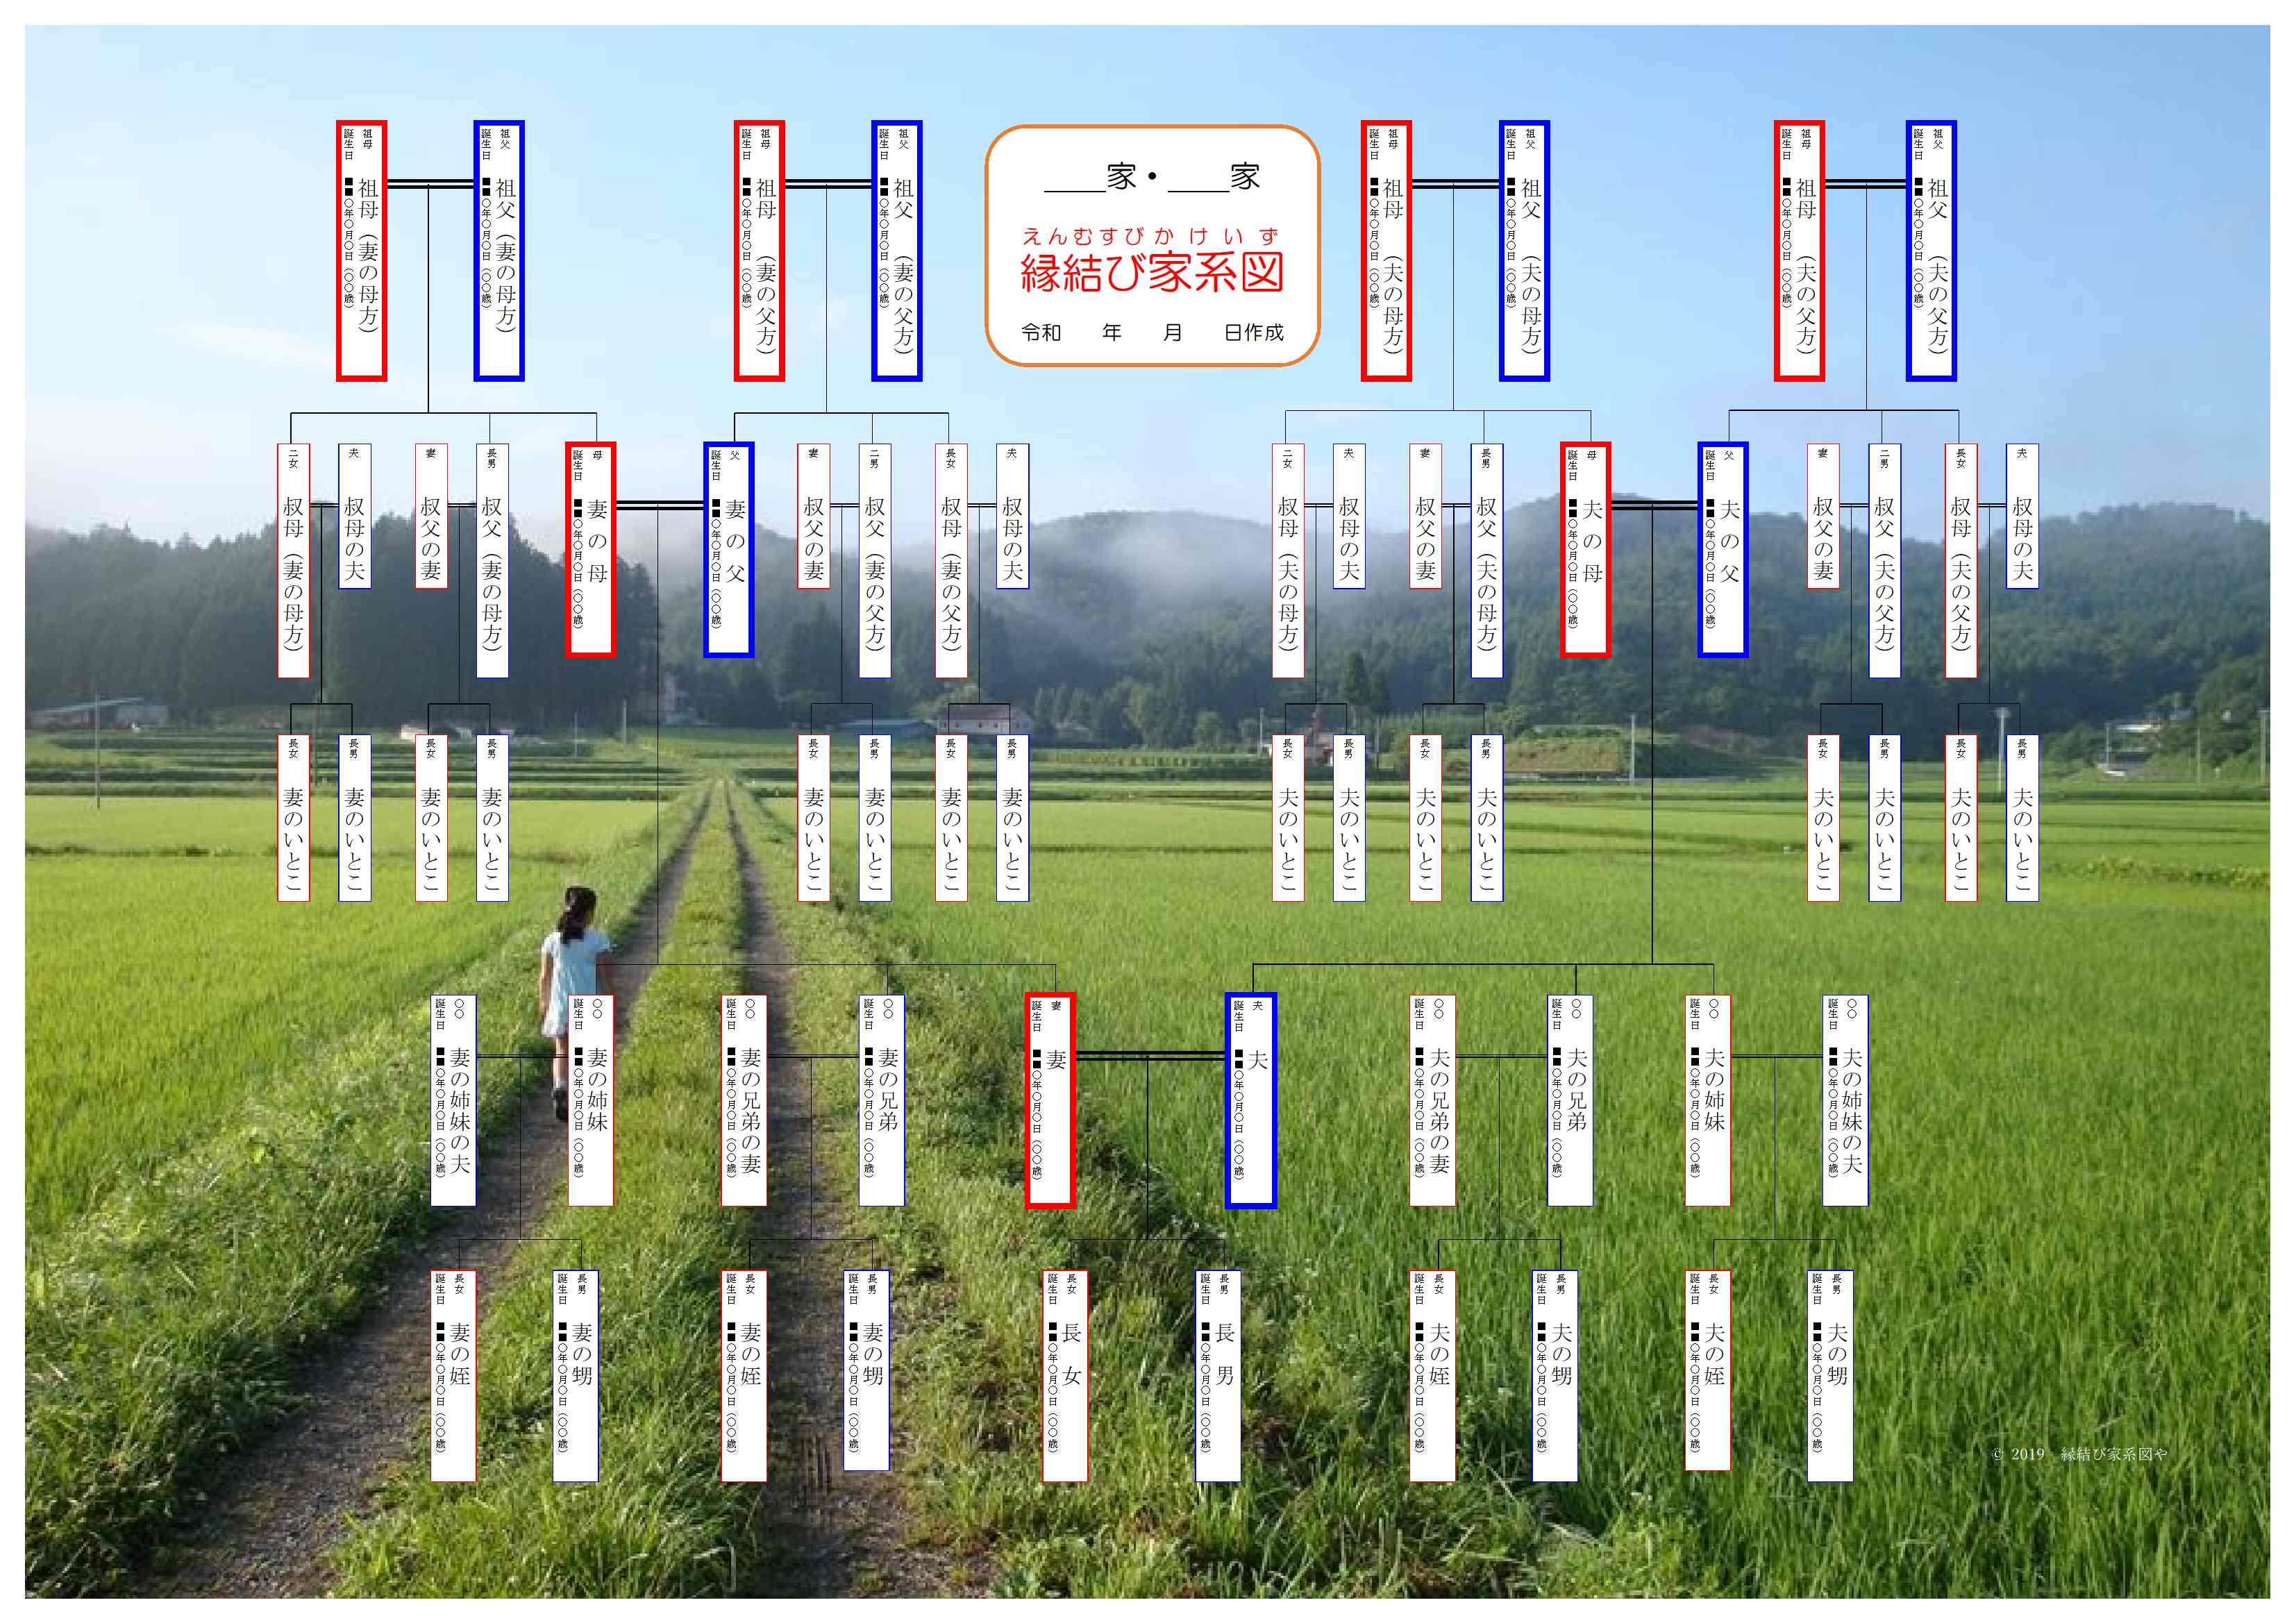 こちらのリターンは、家系図を自分でつくる講座の体験となります。  作成する家系図は、夫婦を中心とした「縁結び家系図」です。(写真参照、こちらはバックに写真を利用していますが、デザイン台紙も選択できます。)  体験場所は、福島市渡利地区 縁結び家系図やの事務所となります。 時間は、約3時間 日時は、相談となります(メールにて連絡します。) パソコン、プリンターは、当方で準備します。  もちろん、「自分史・家族史Word用テンプレート」4種類+「縁結び家系図や作成 自分のルーツをたどる家系図」のWord用テンプレートも送ります。  クラウドファンディングの特典として、上記、テンプレートの利用方法や、自分のルーツをたどる家系図の作成方法、戸籍謄本の見方等について、マンツーマンでご説明いたします。  自分でつくる家系図講座の様子は下記のとおりです。 https://enmusubi-kakeizu.com/report1/